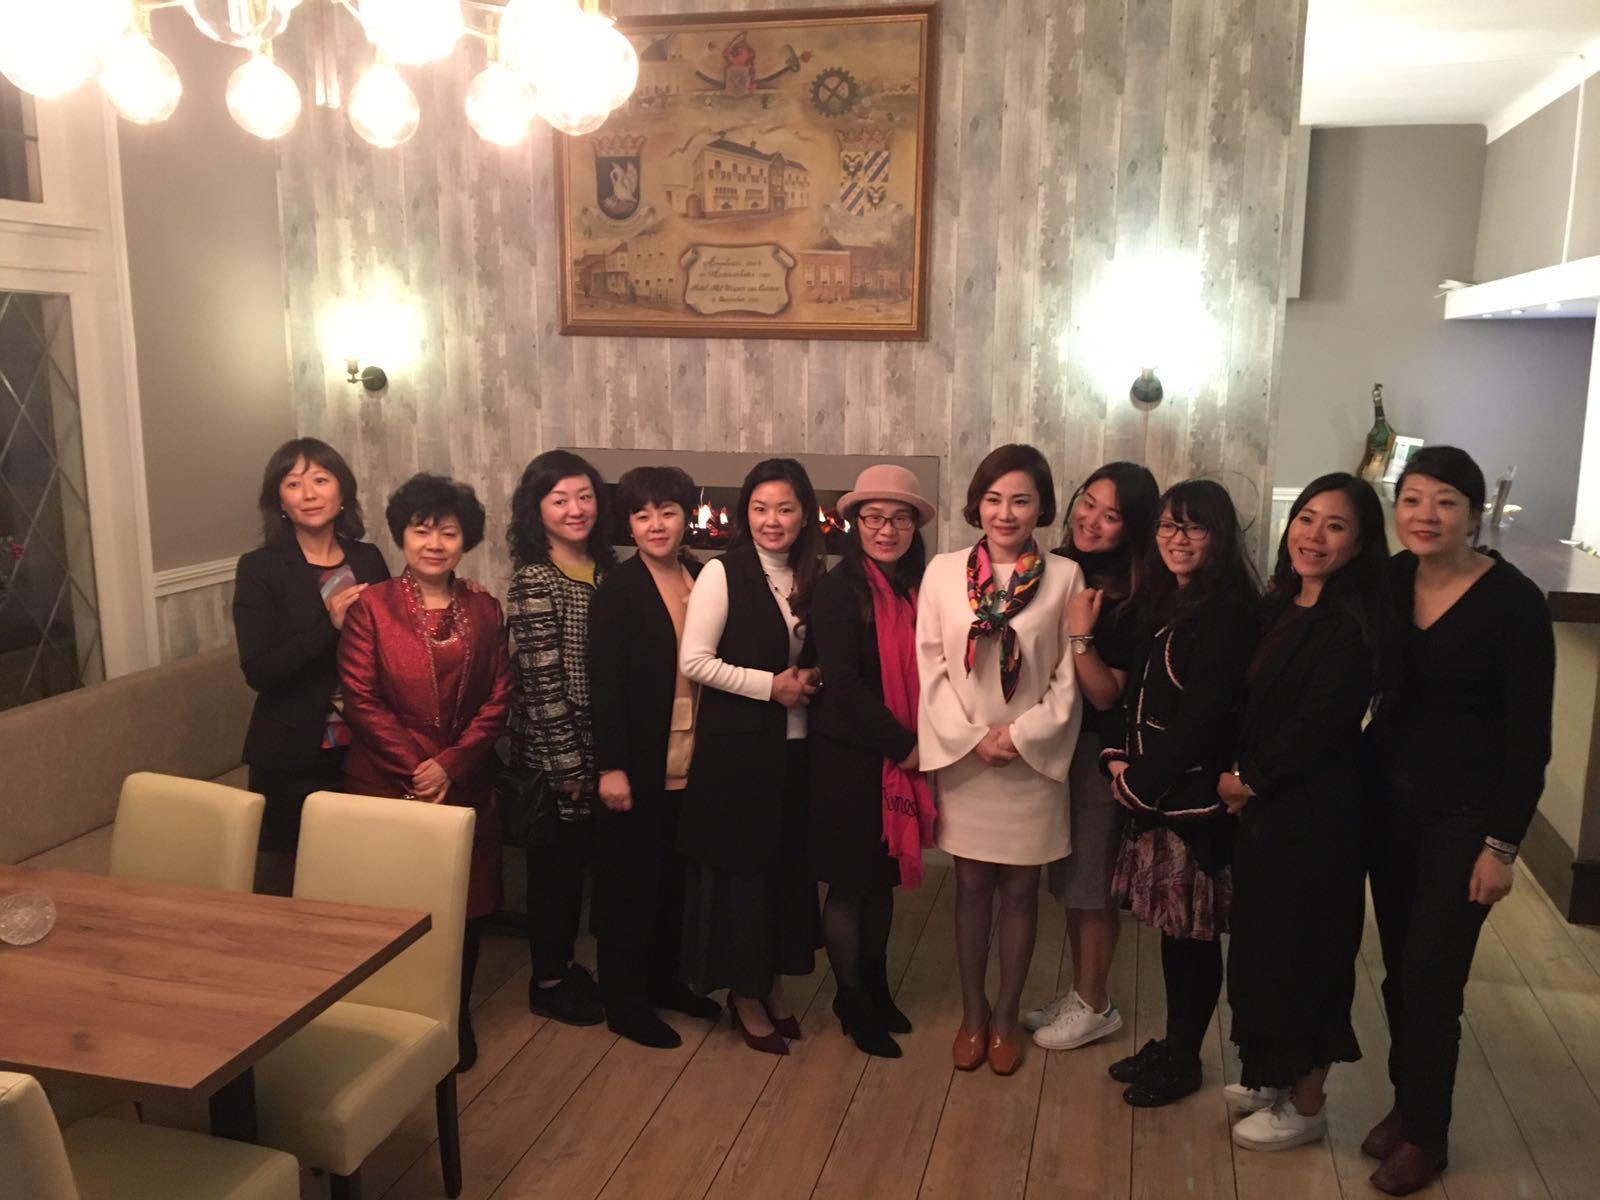 Op bezoek in de woonplaats van Marion Splendid China: Appingedam